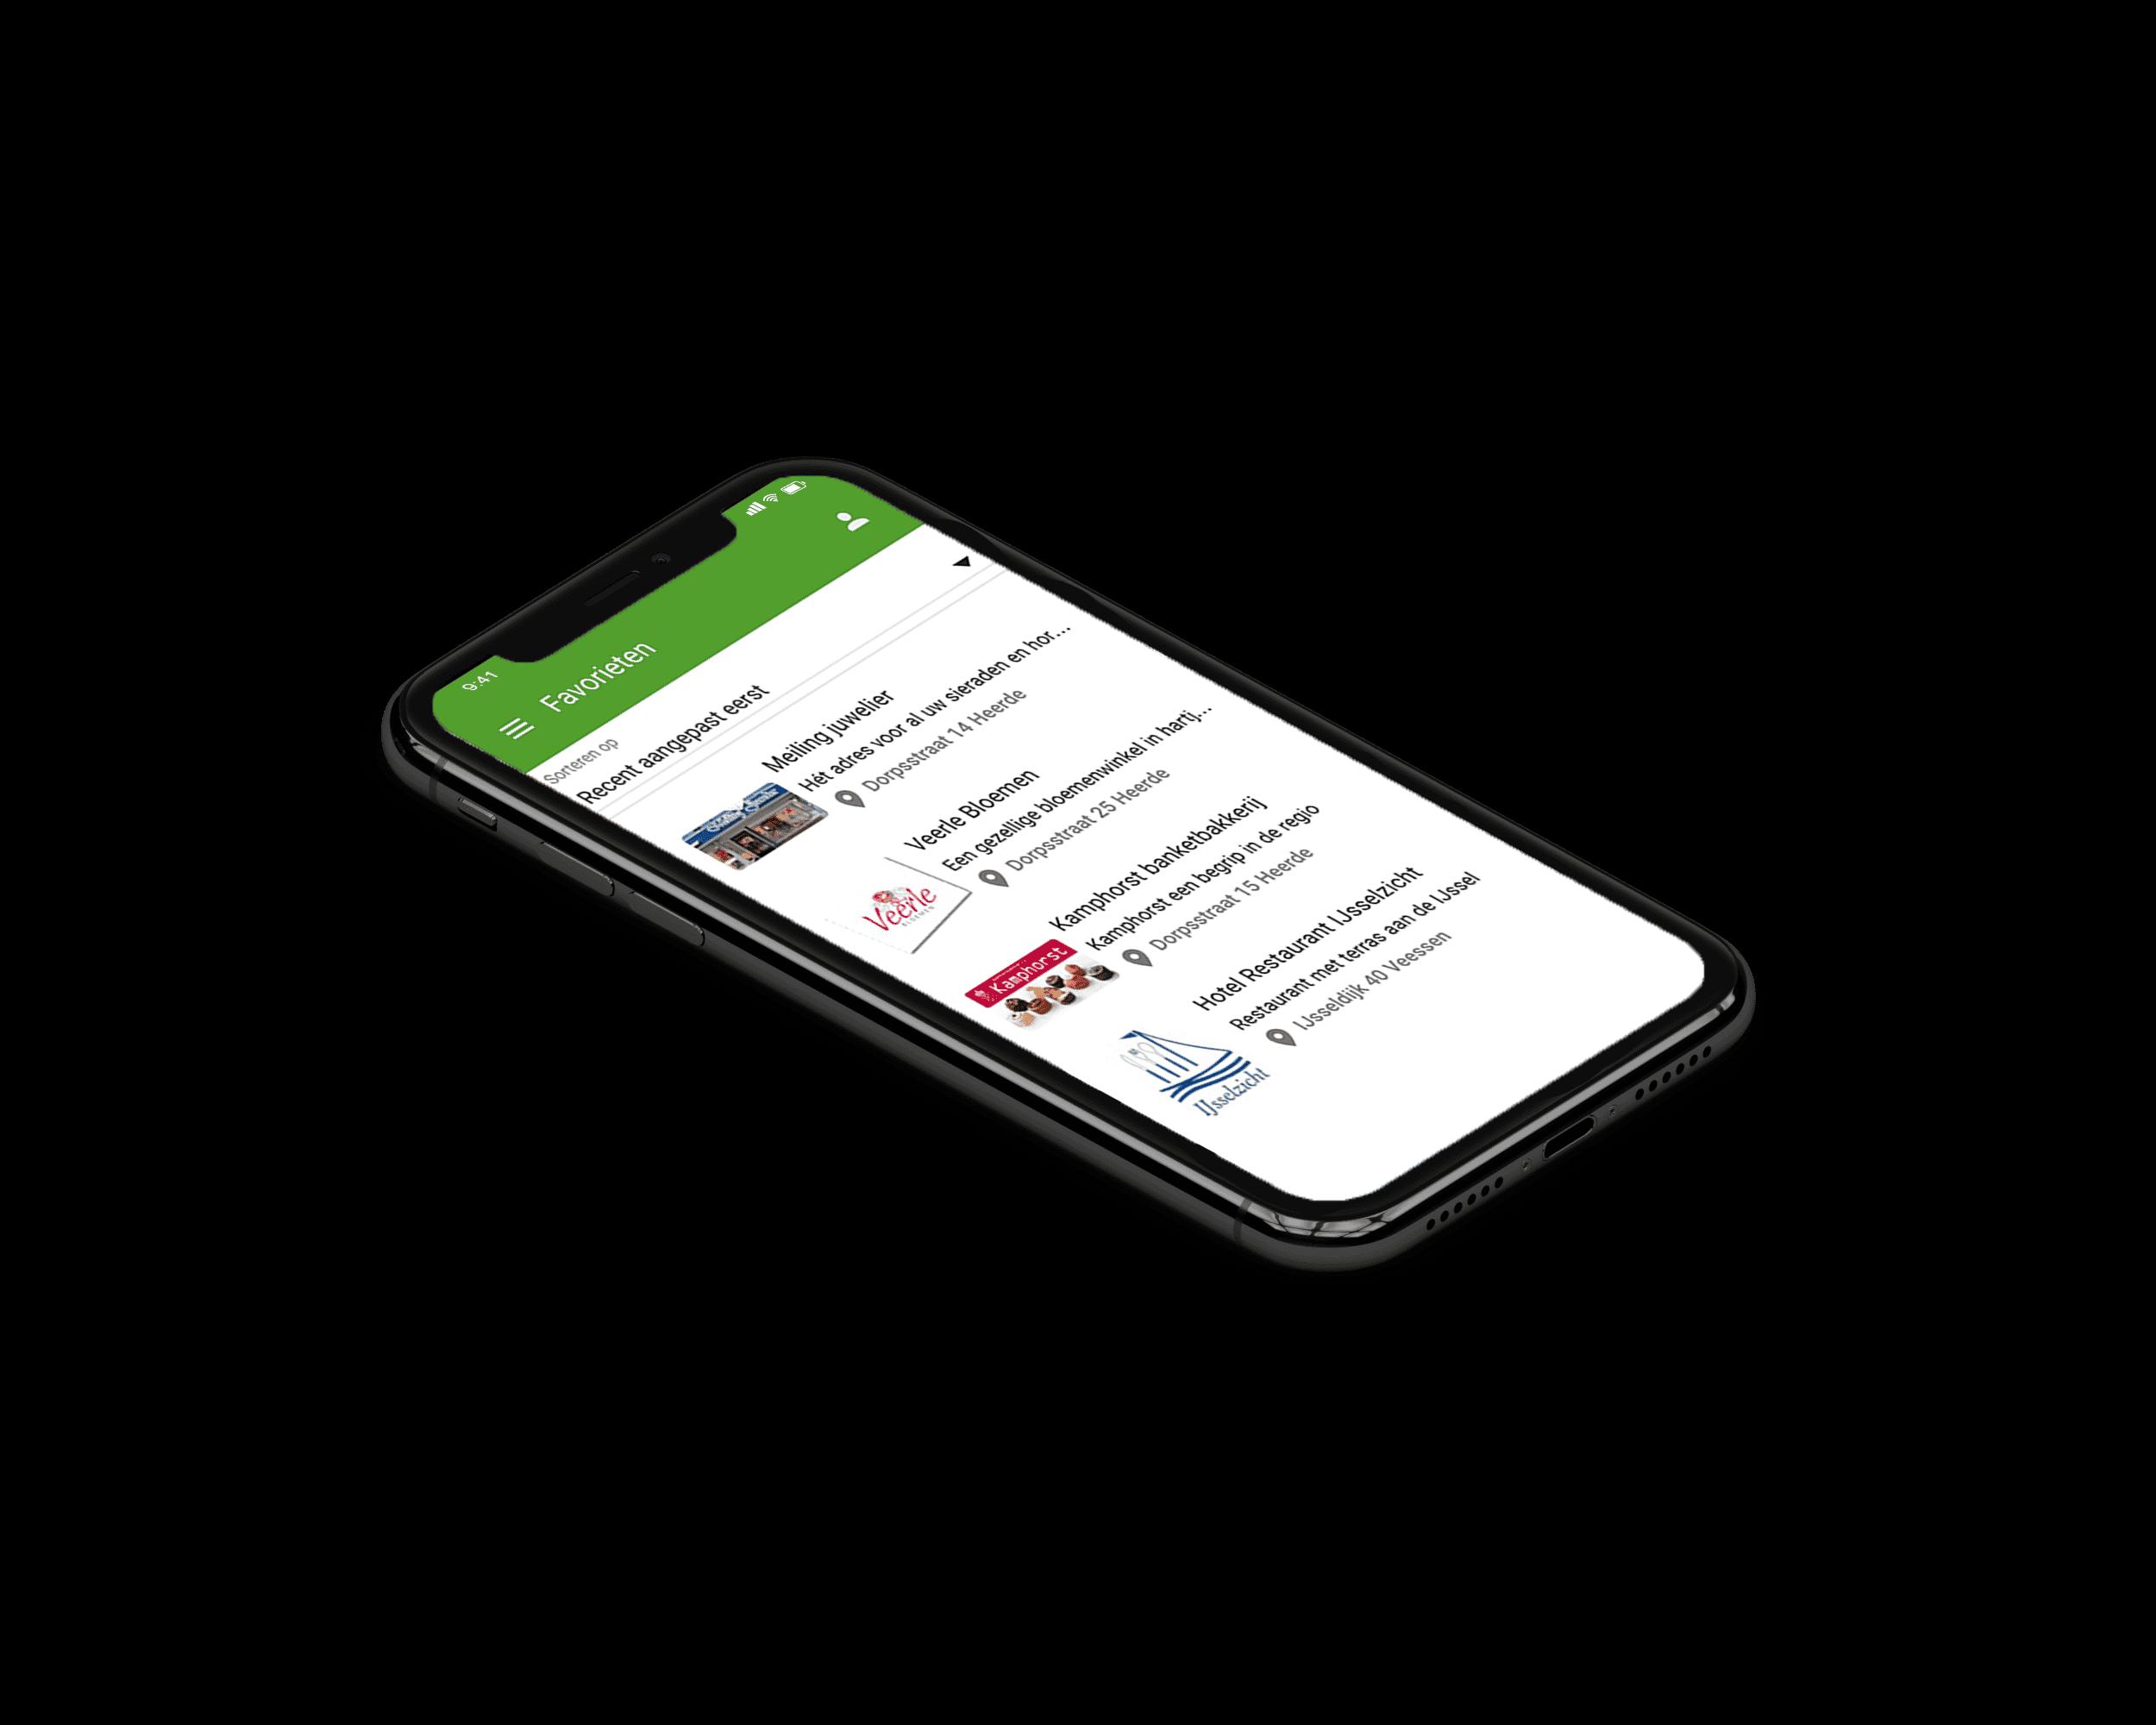 onze veluwe app